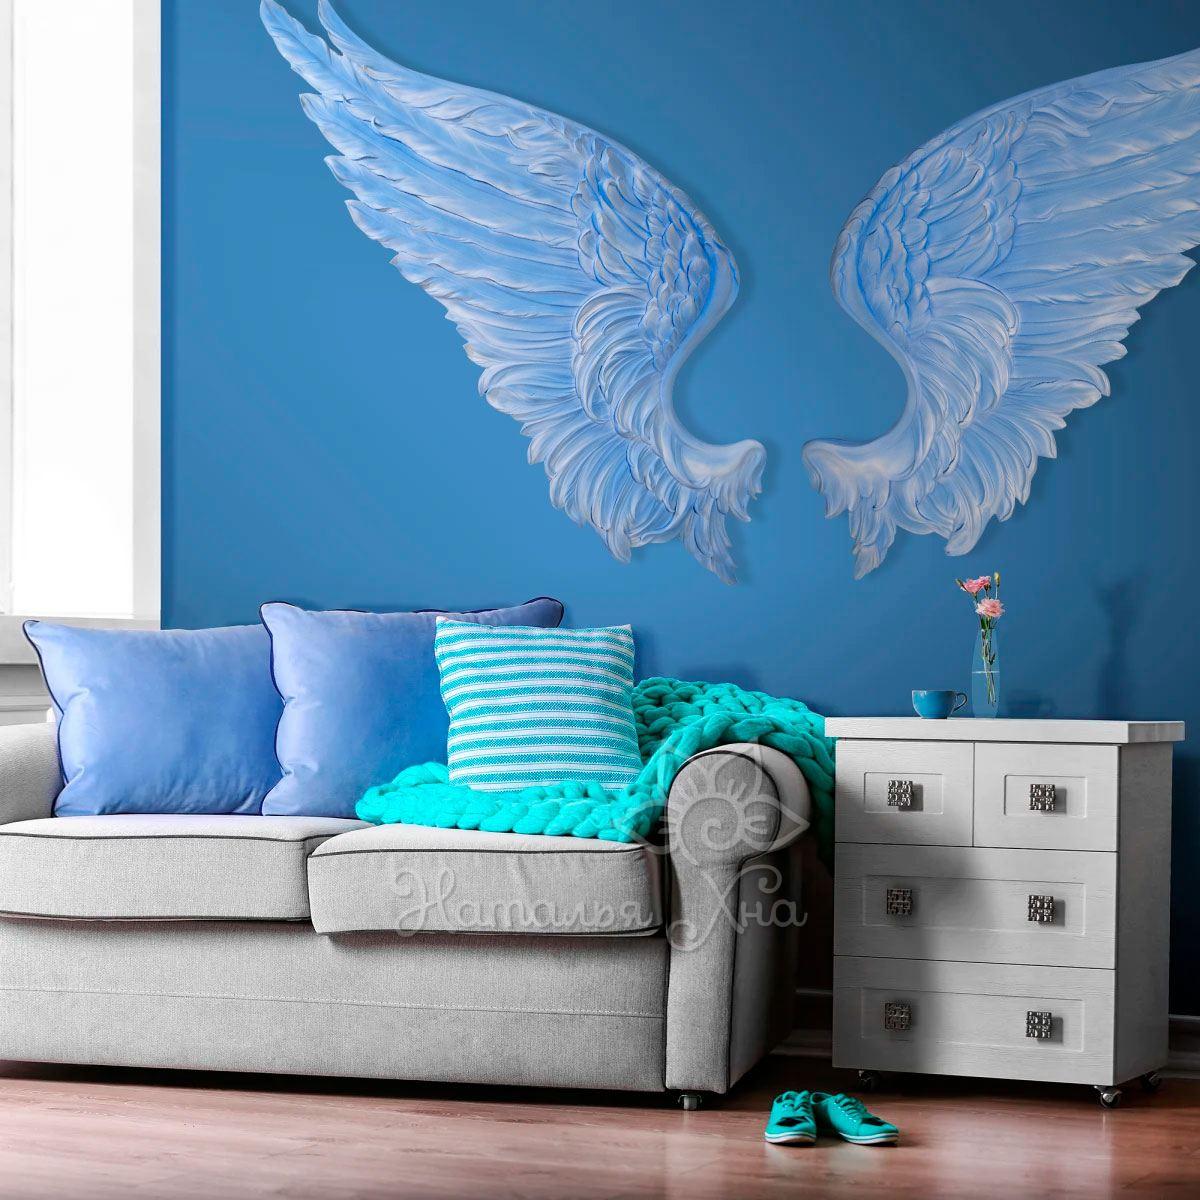 декор на стену крылья ангела голубого небесного цвета